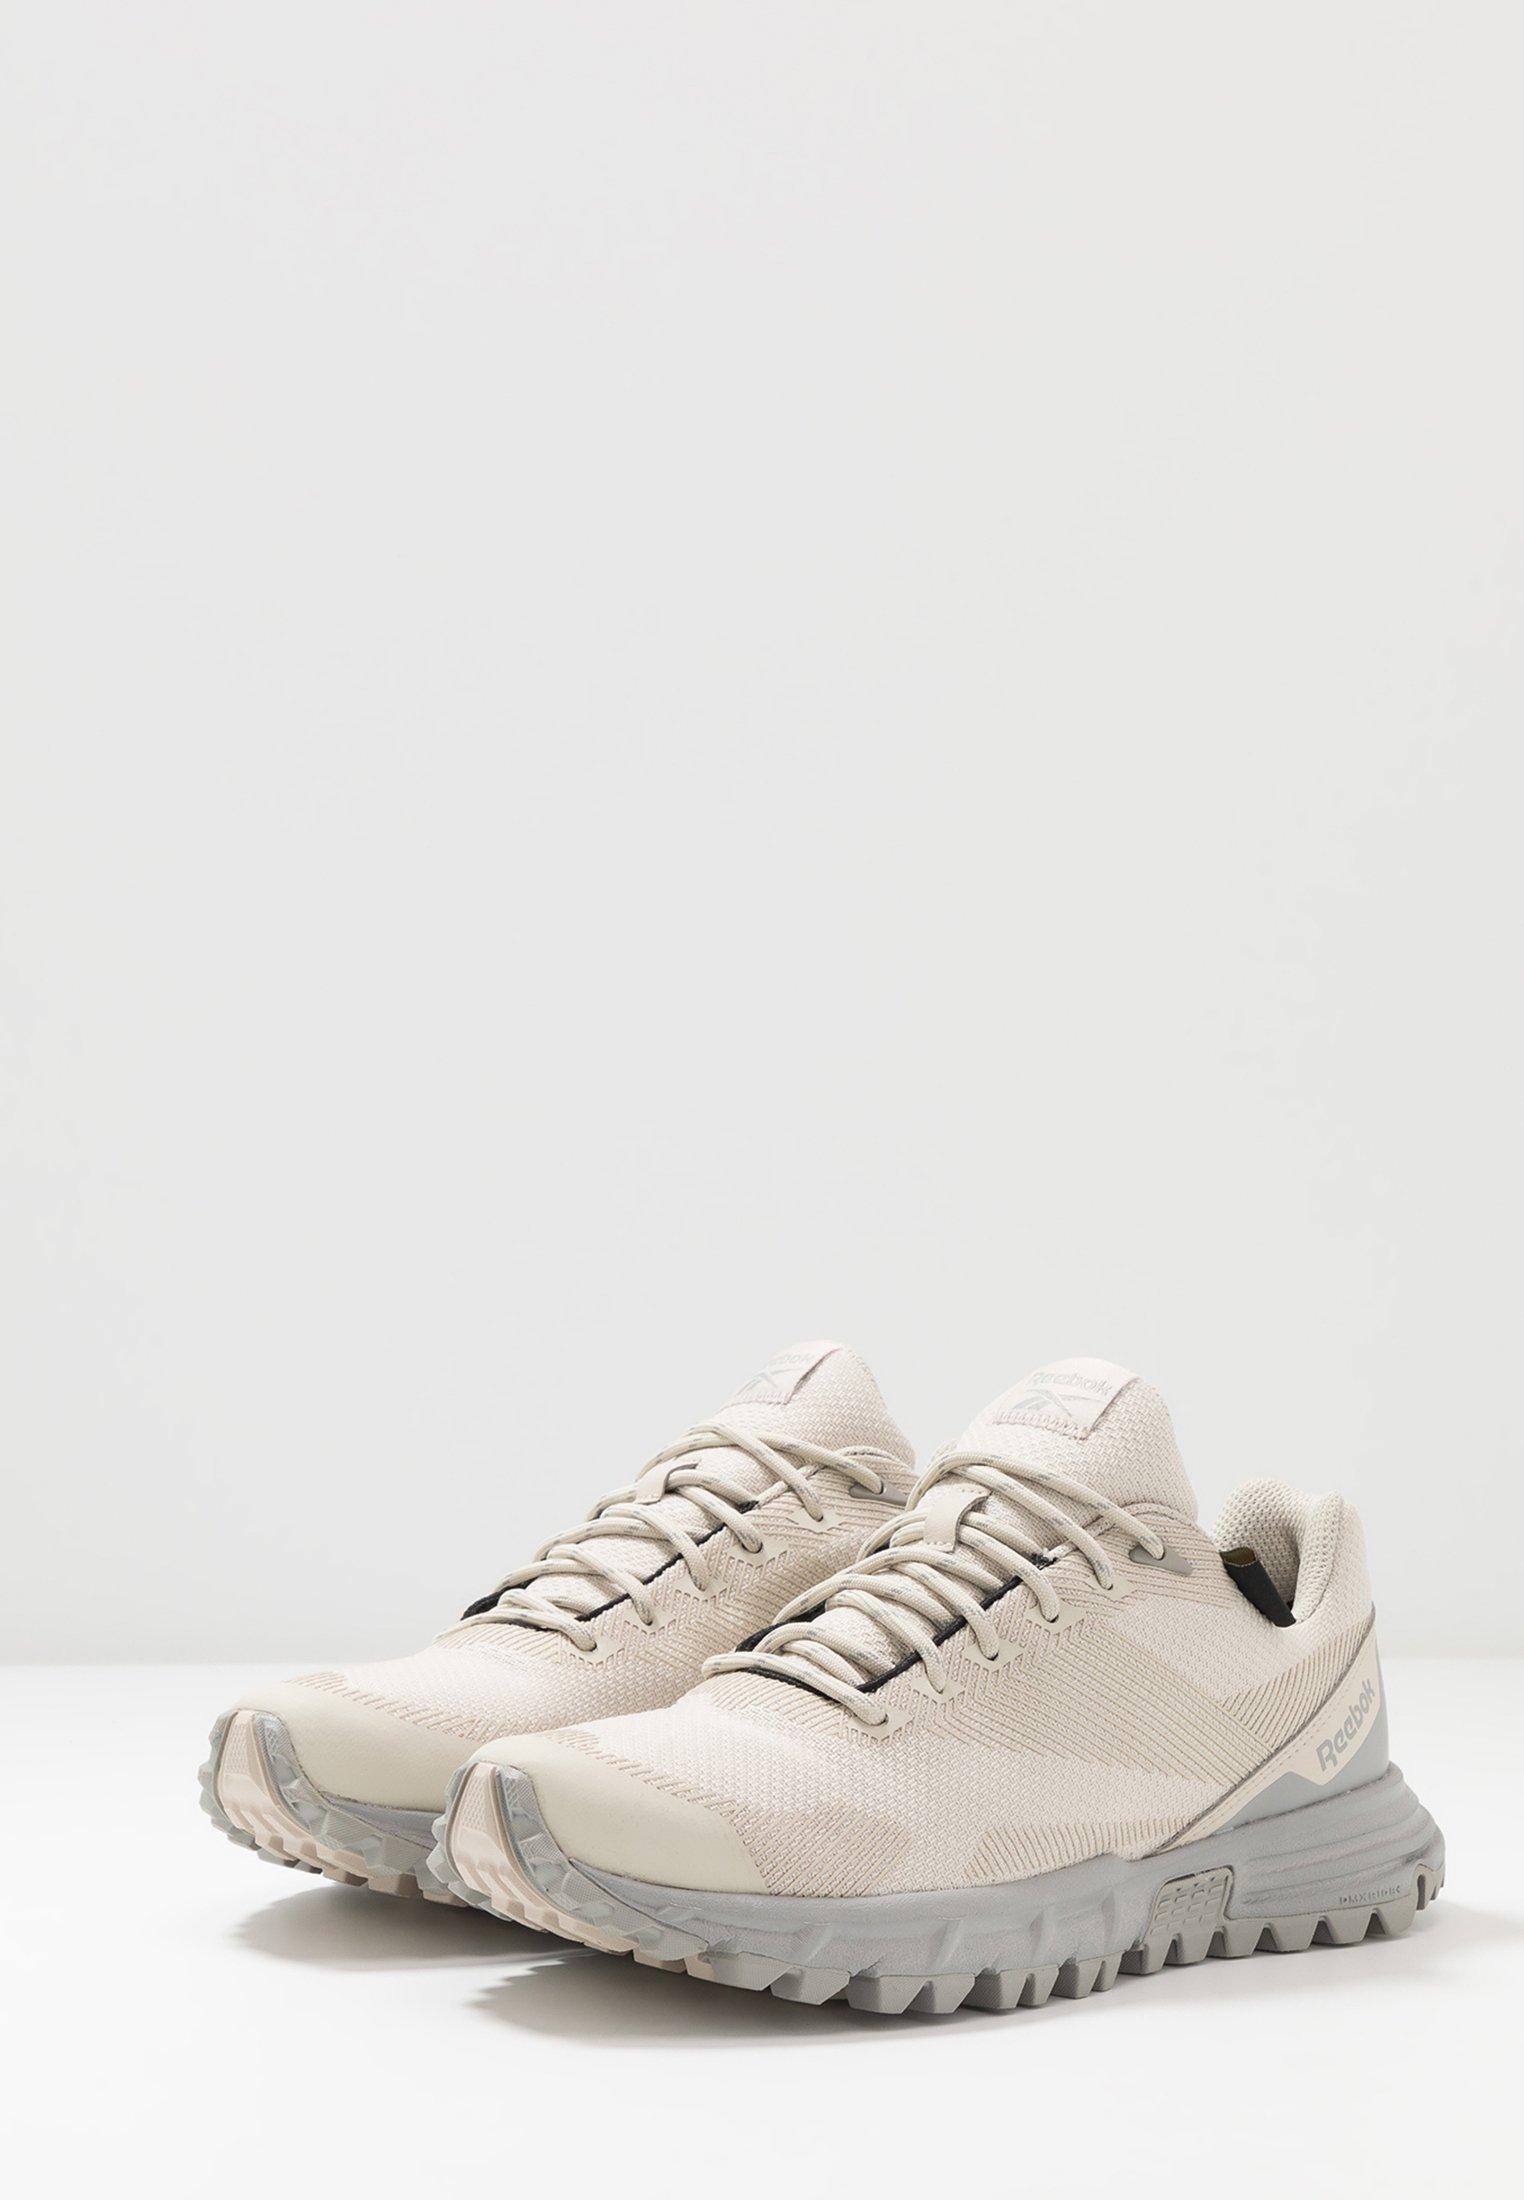 Reebok SAWCUT 7.0 GTX - Chaussures de running - stucco